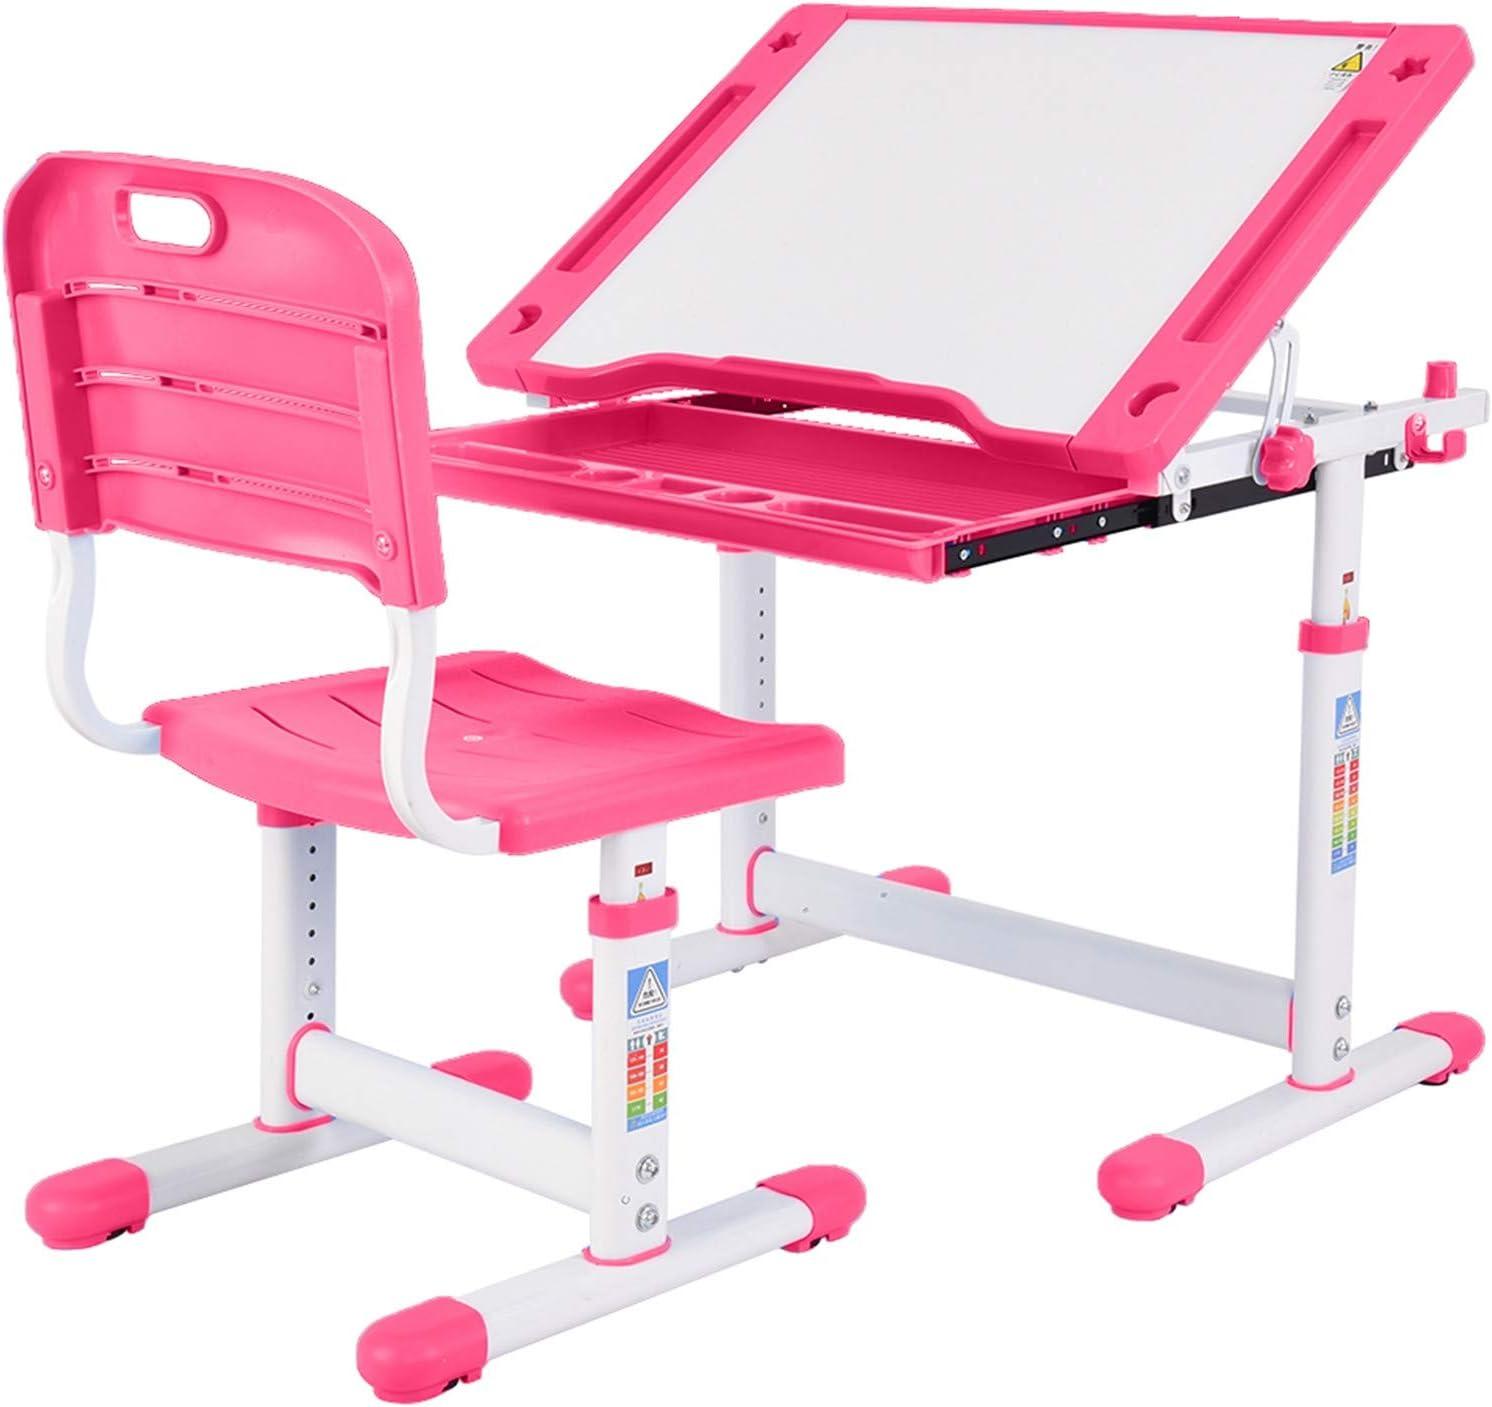 EWGQWB Adjustable Height Kids Desk Chair - Discount is also underway St Set Max 86% OFF School Child